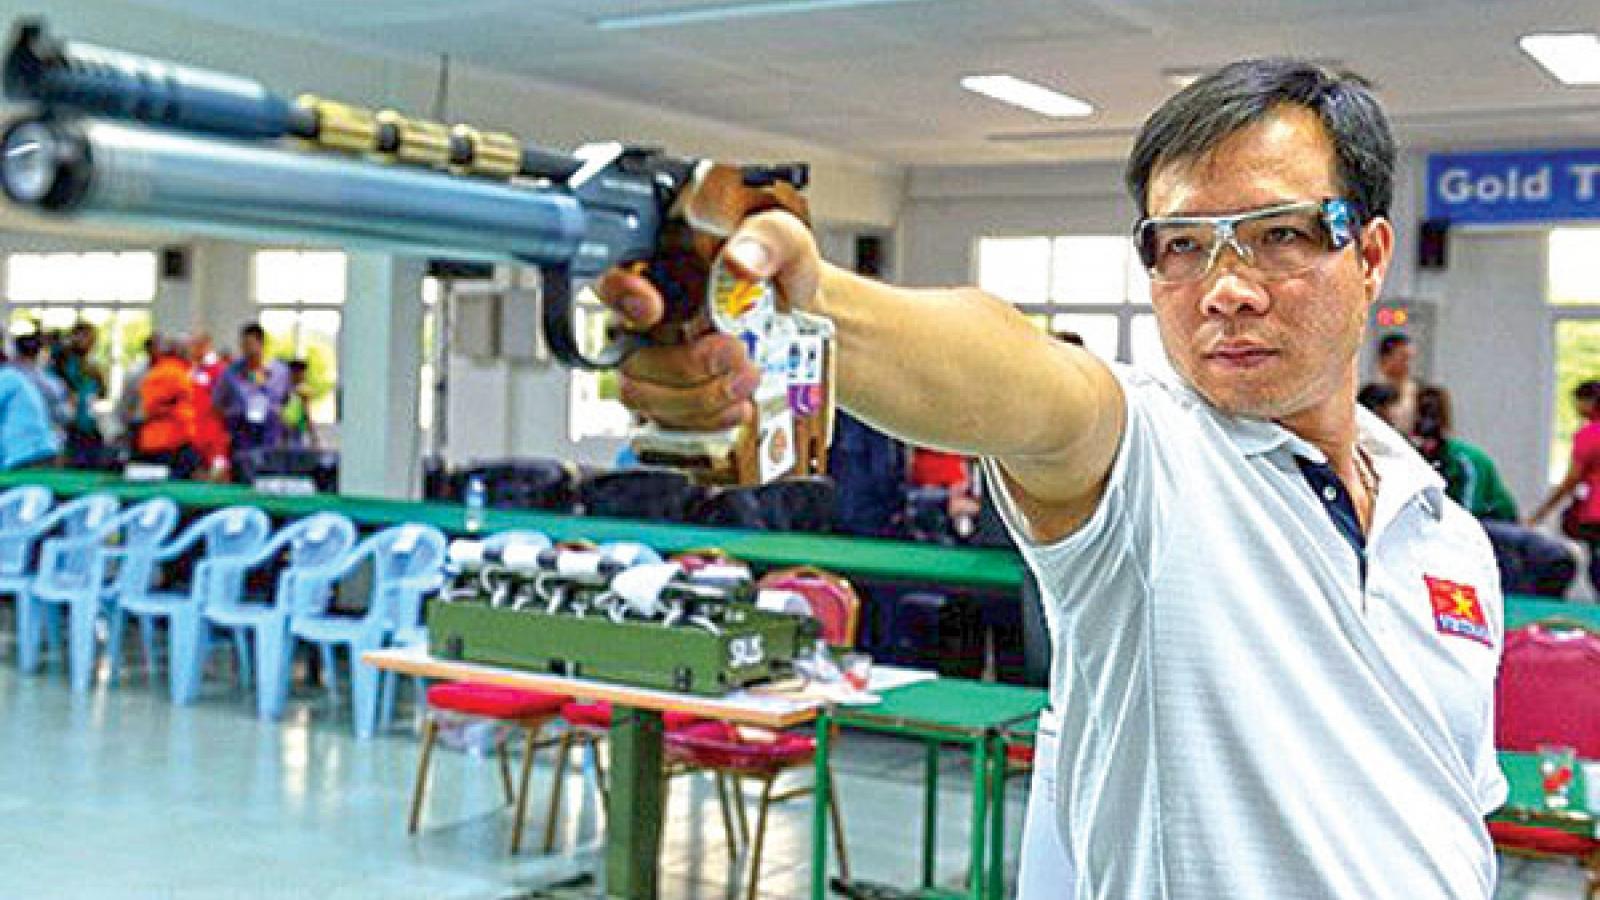 Marksman Hoang Xuan Vinh to compete at upcoming Tokyo Olympics